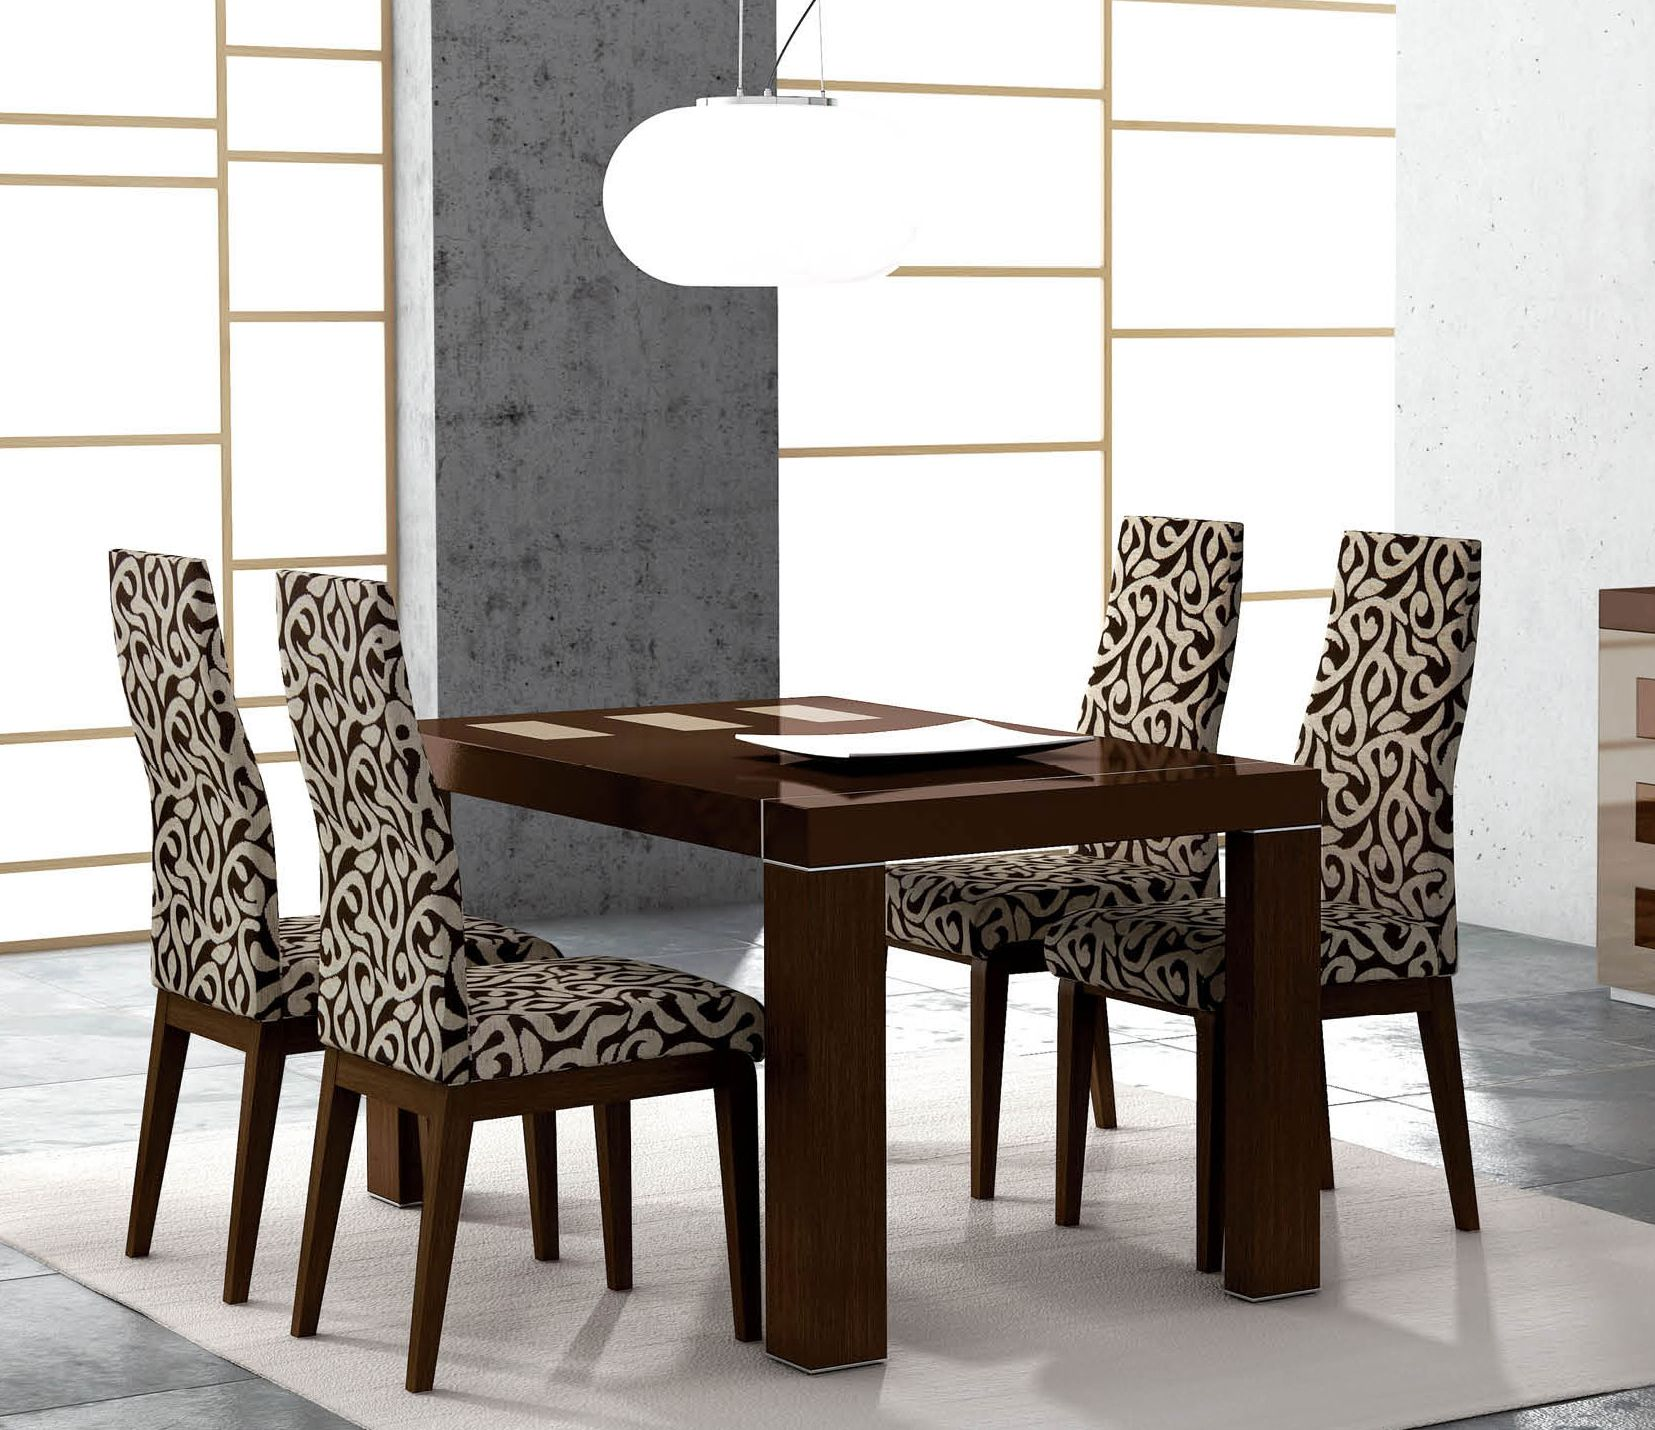 Bequeme Esszimmer Stühle Schwarz Ess Stühle Für Verkauf